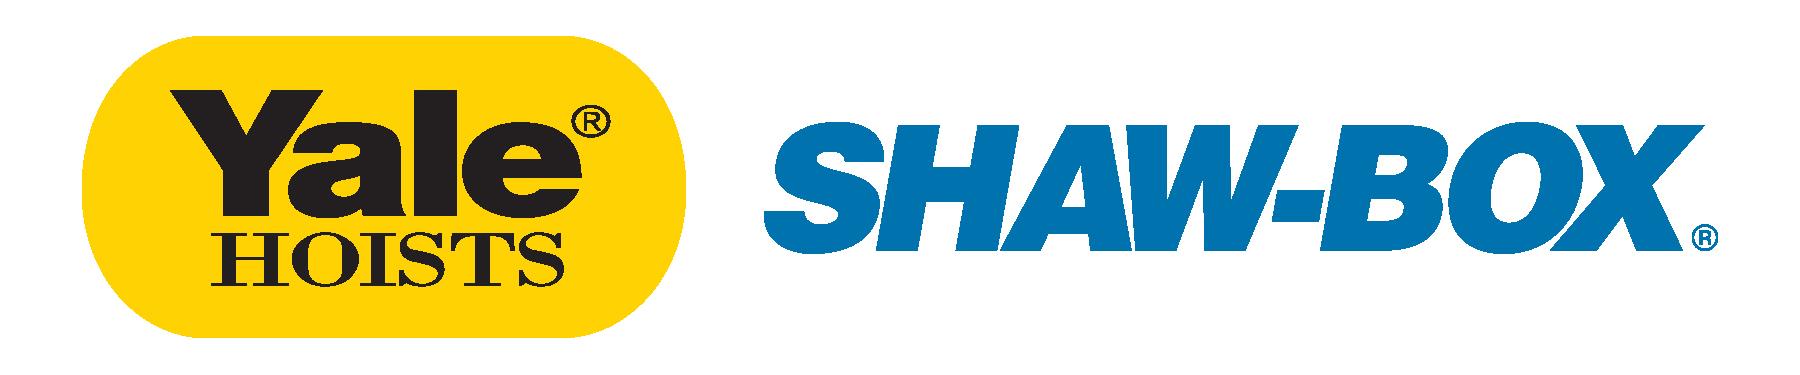 Yale Shaw-Box Hoists